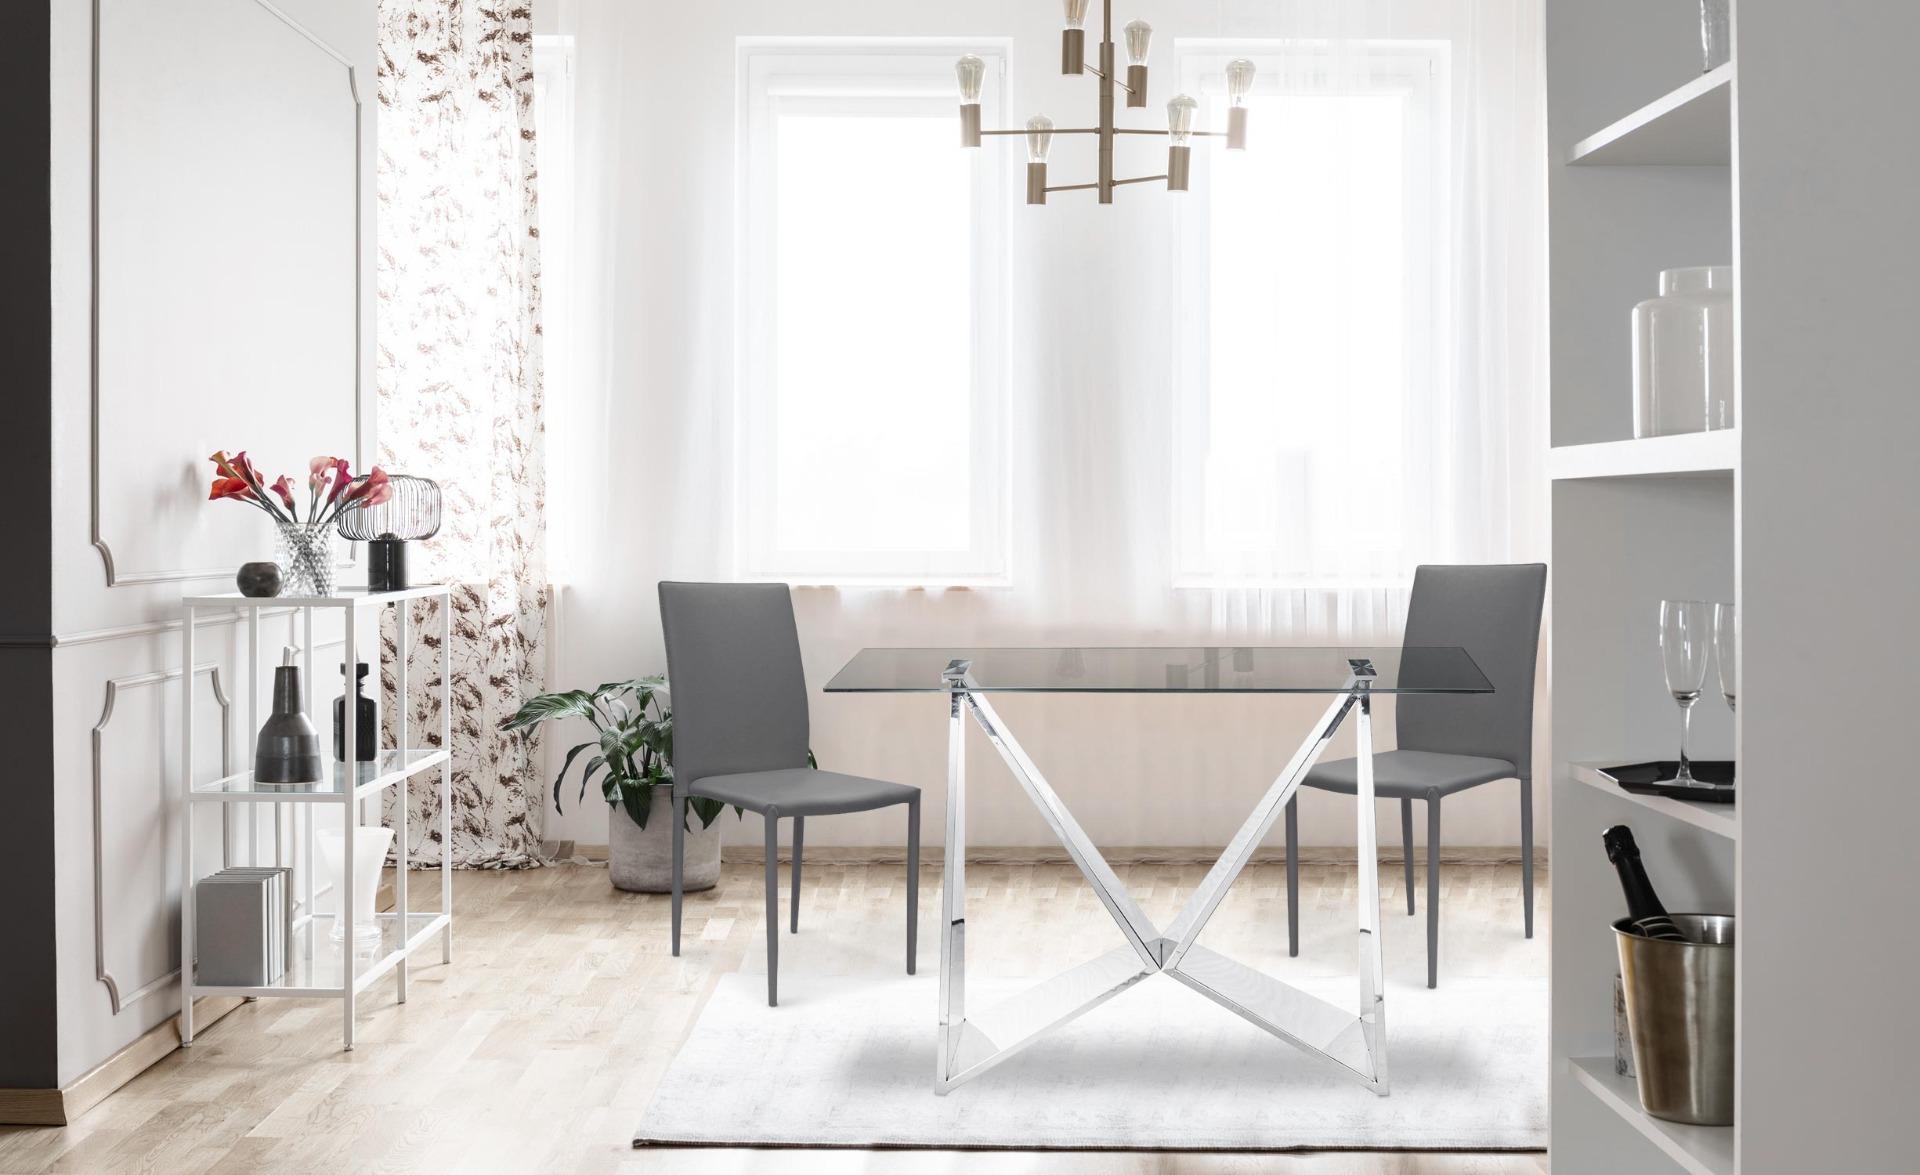 Set di 6 sedie impilabili Modan PU grigie